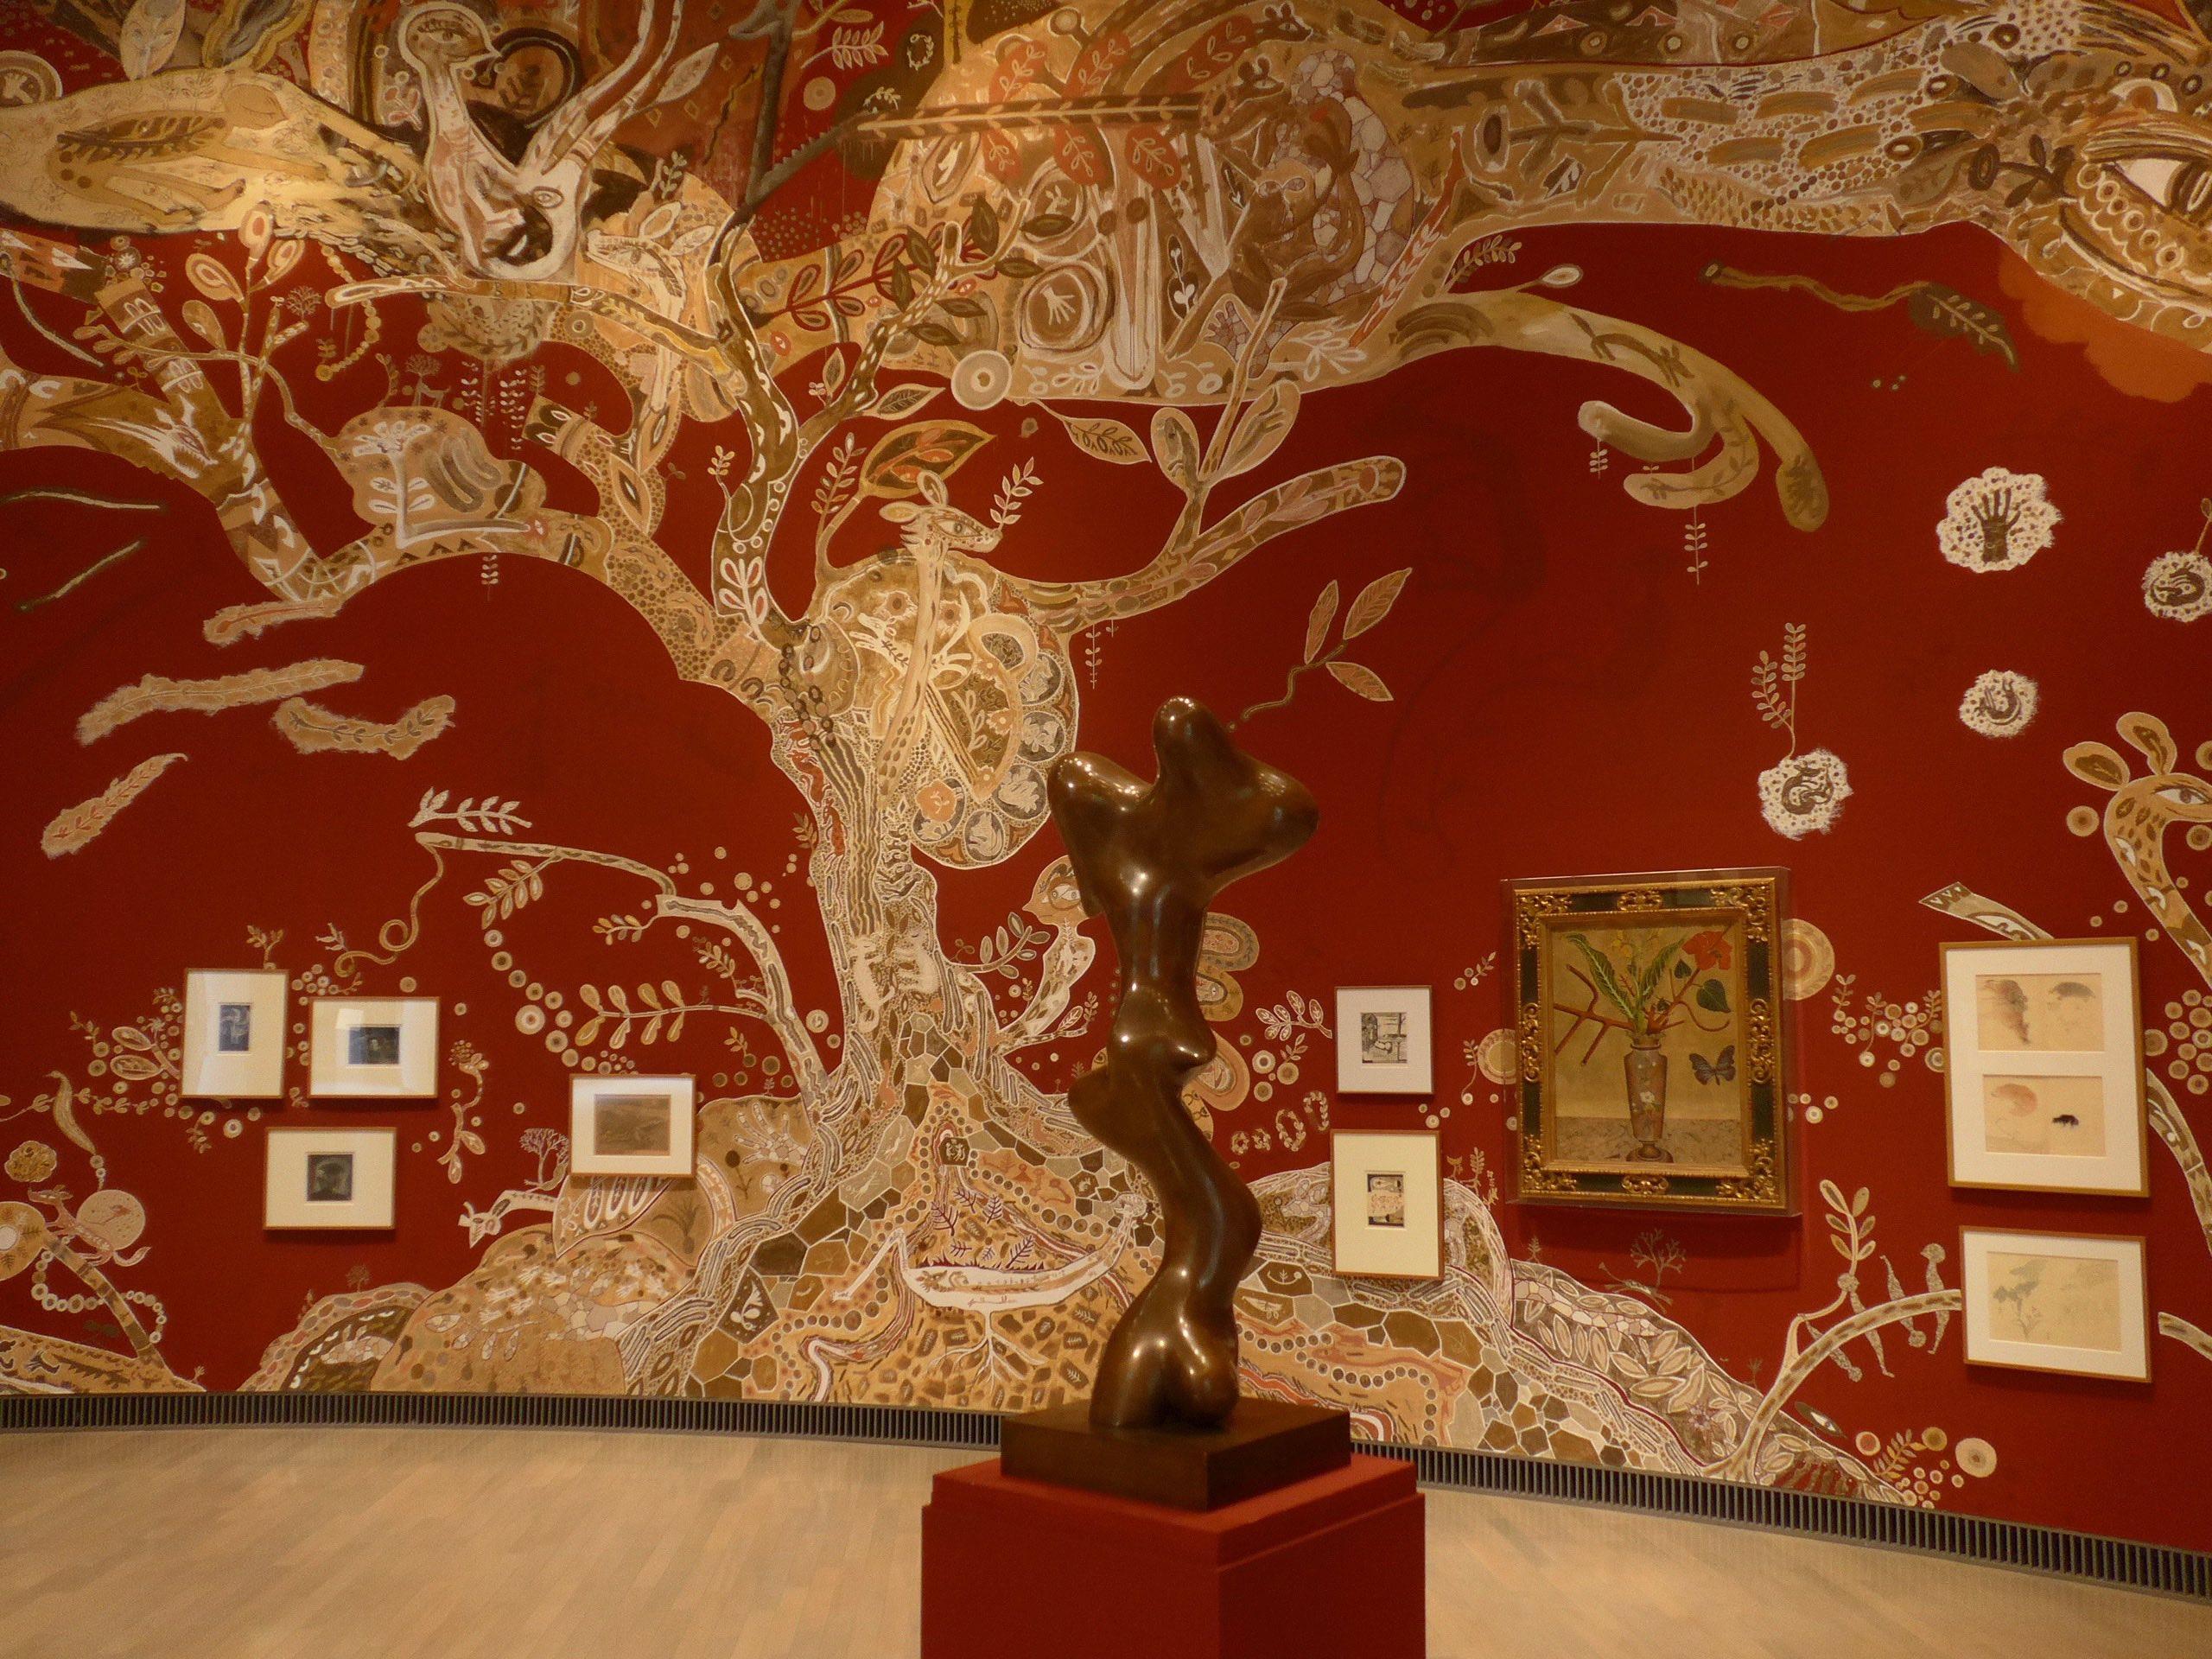 藝術真的很有趣嗎?橫濱美術館的策展人以直截了當的方式面試![有門票]